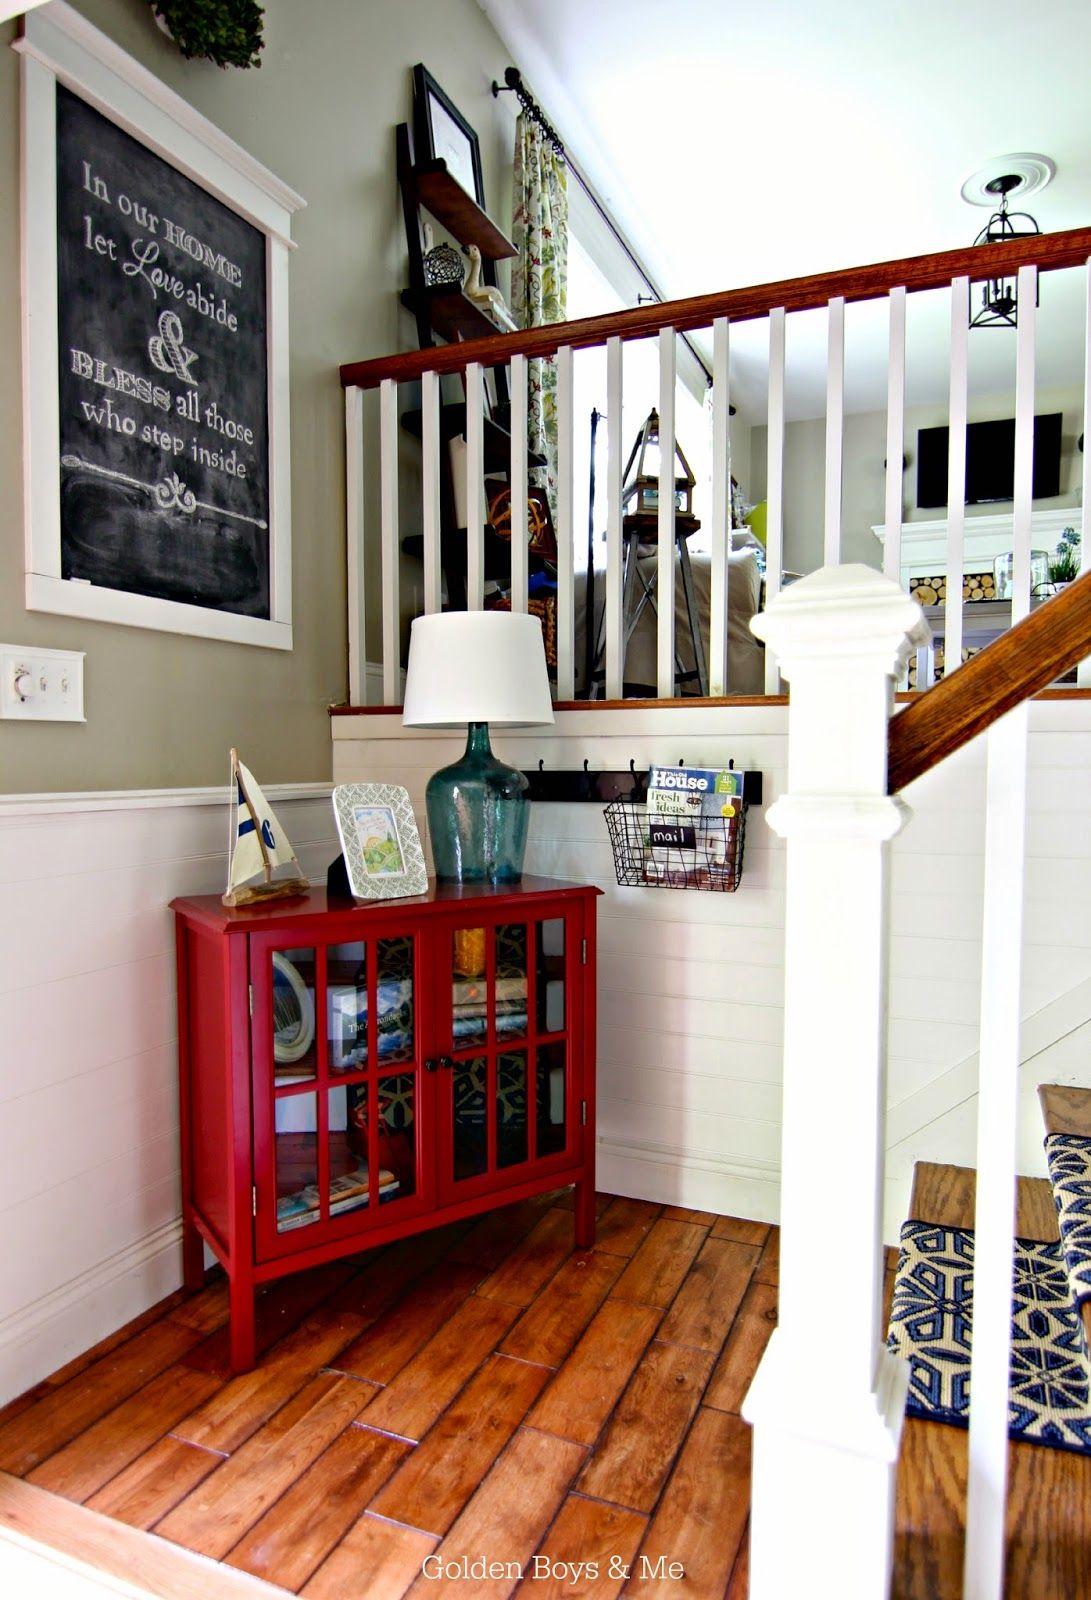 split level foyer with diy stair runner www goldenboysandme com split level foyer with diy stair runner www goldenboysandme com